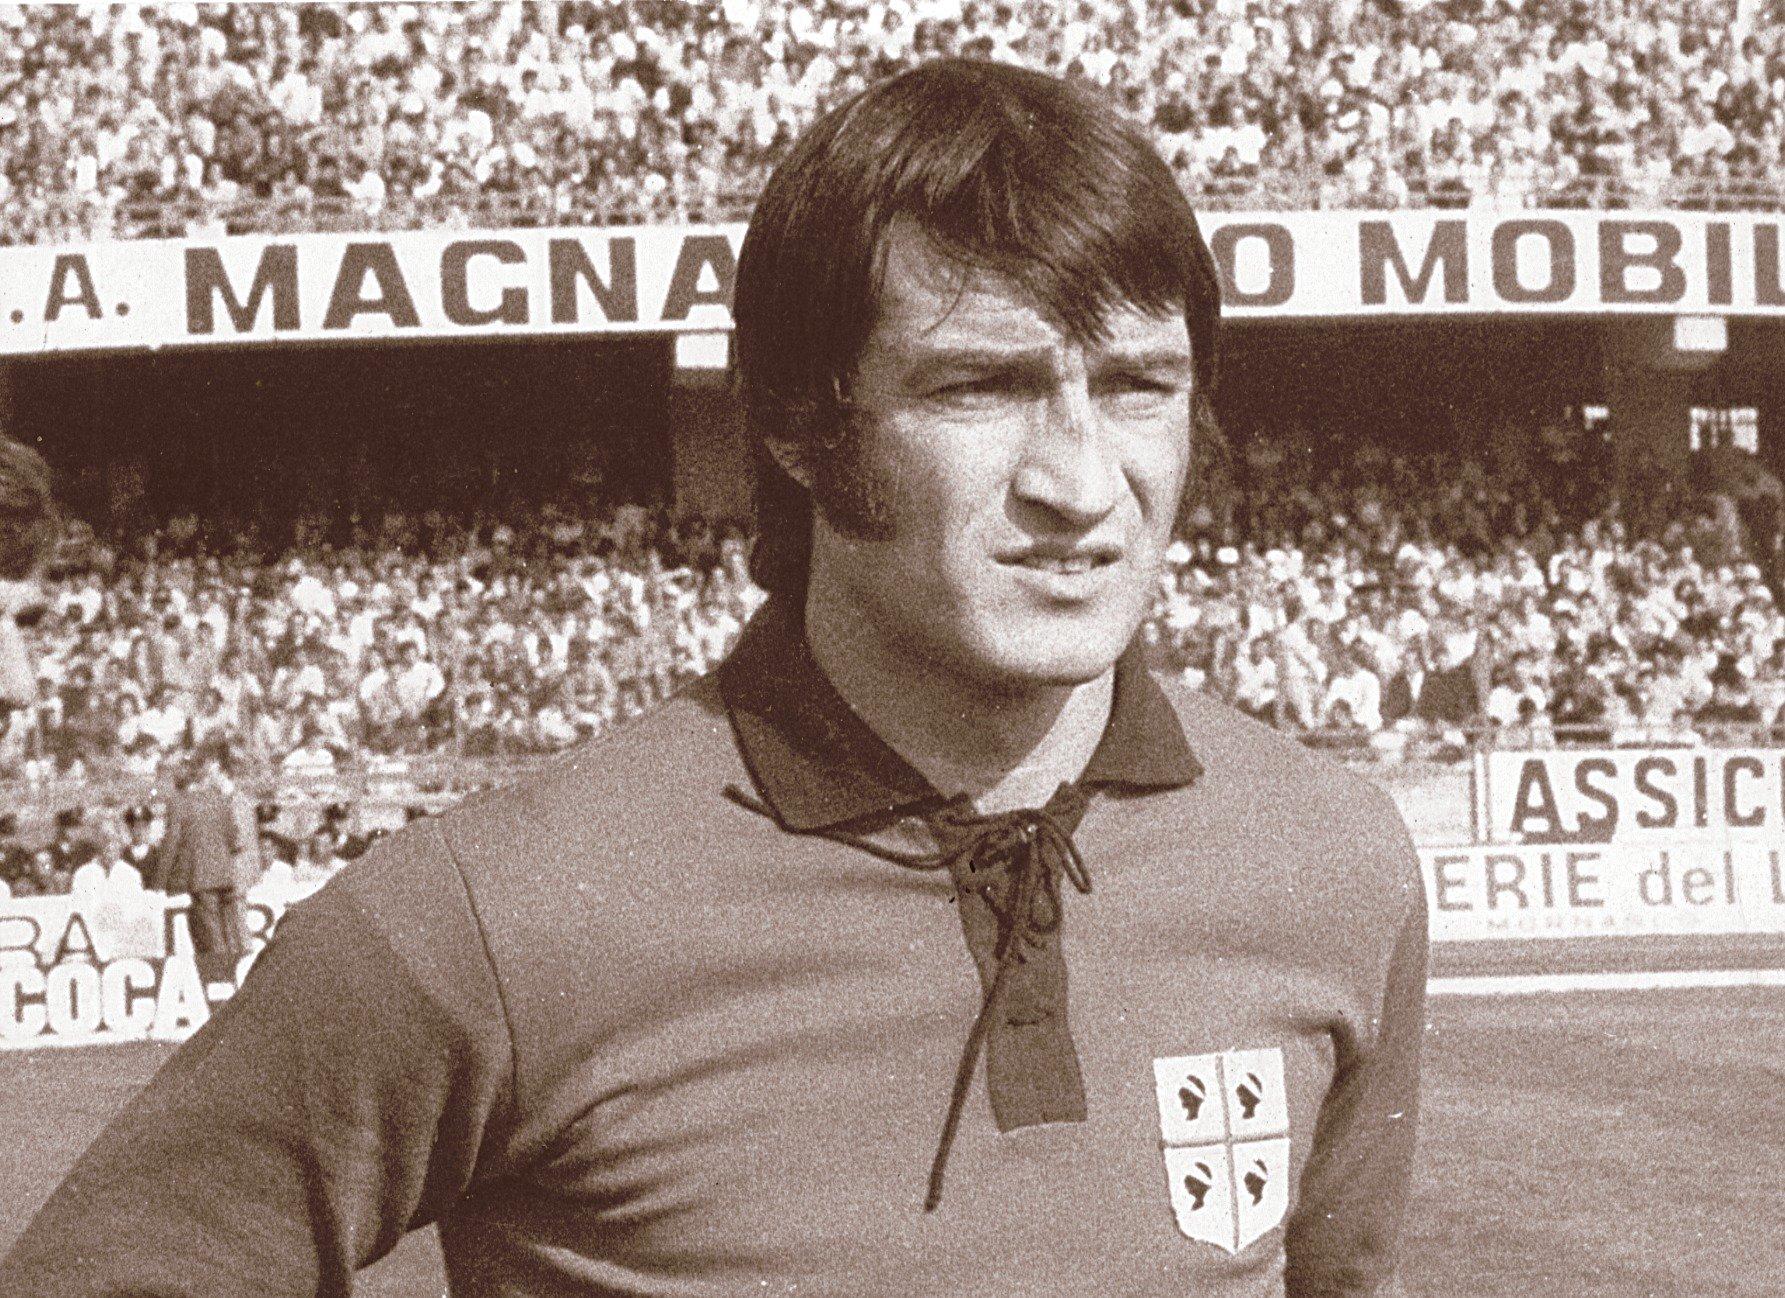 File:Enrico Albertosi - Cagliari.jpg - Wikimedia Commons